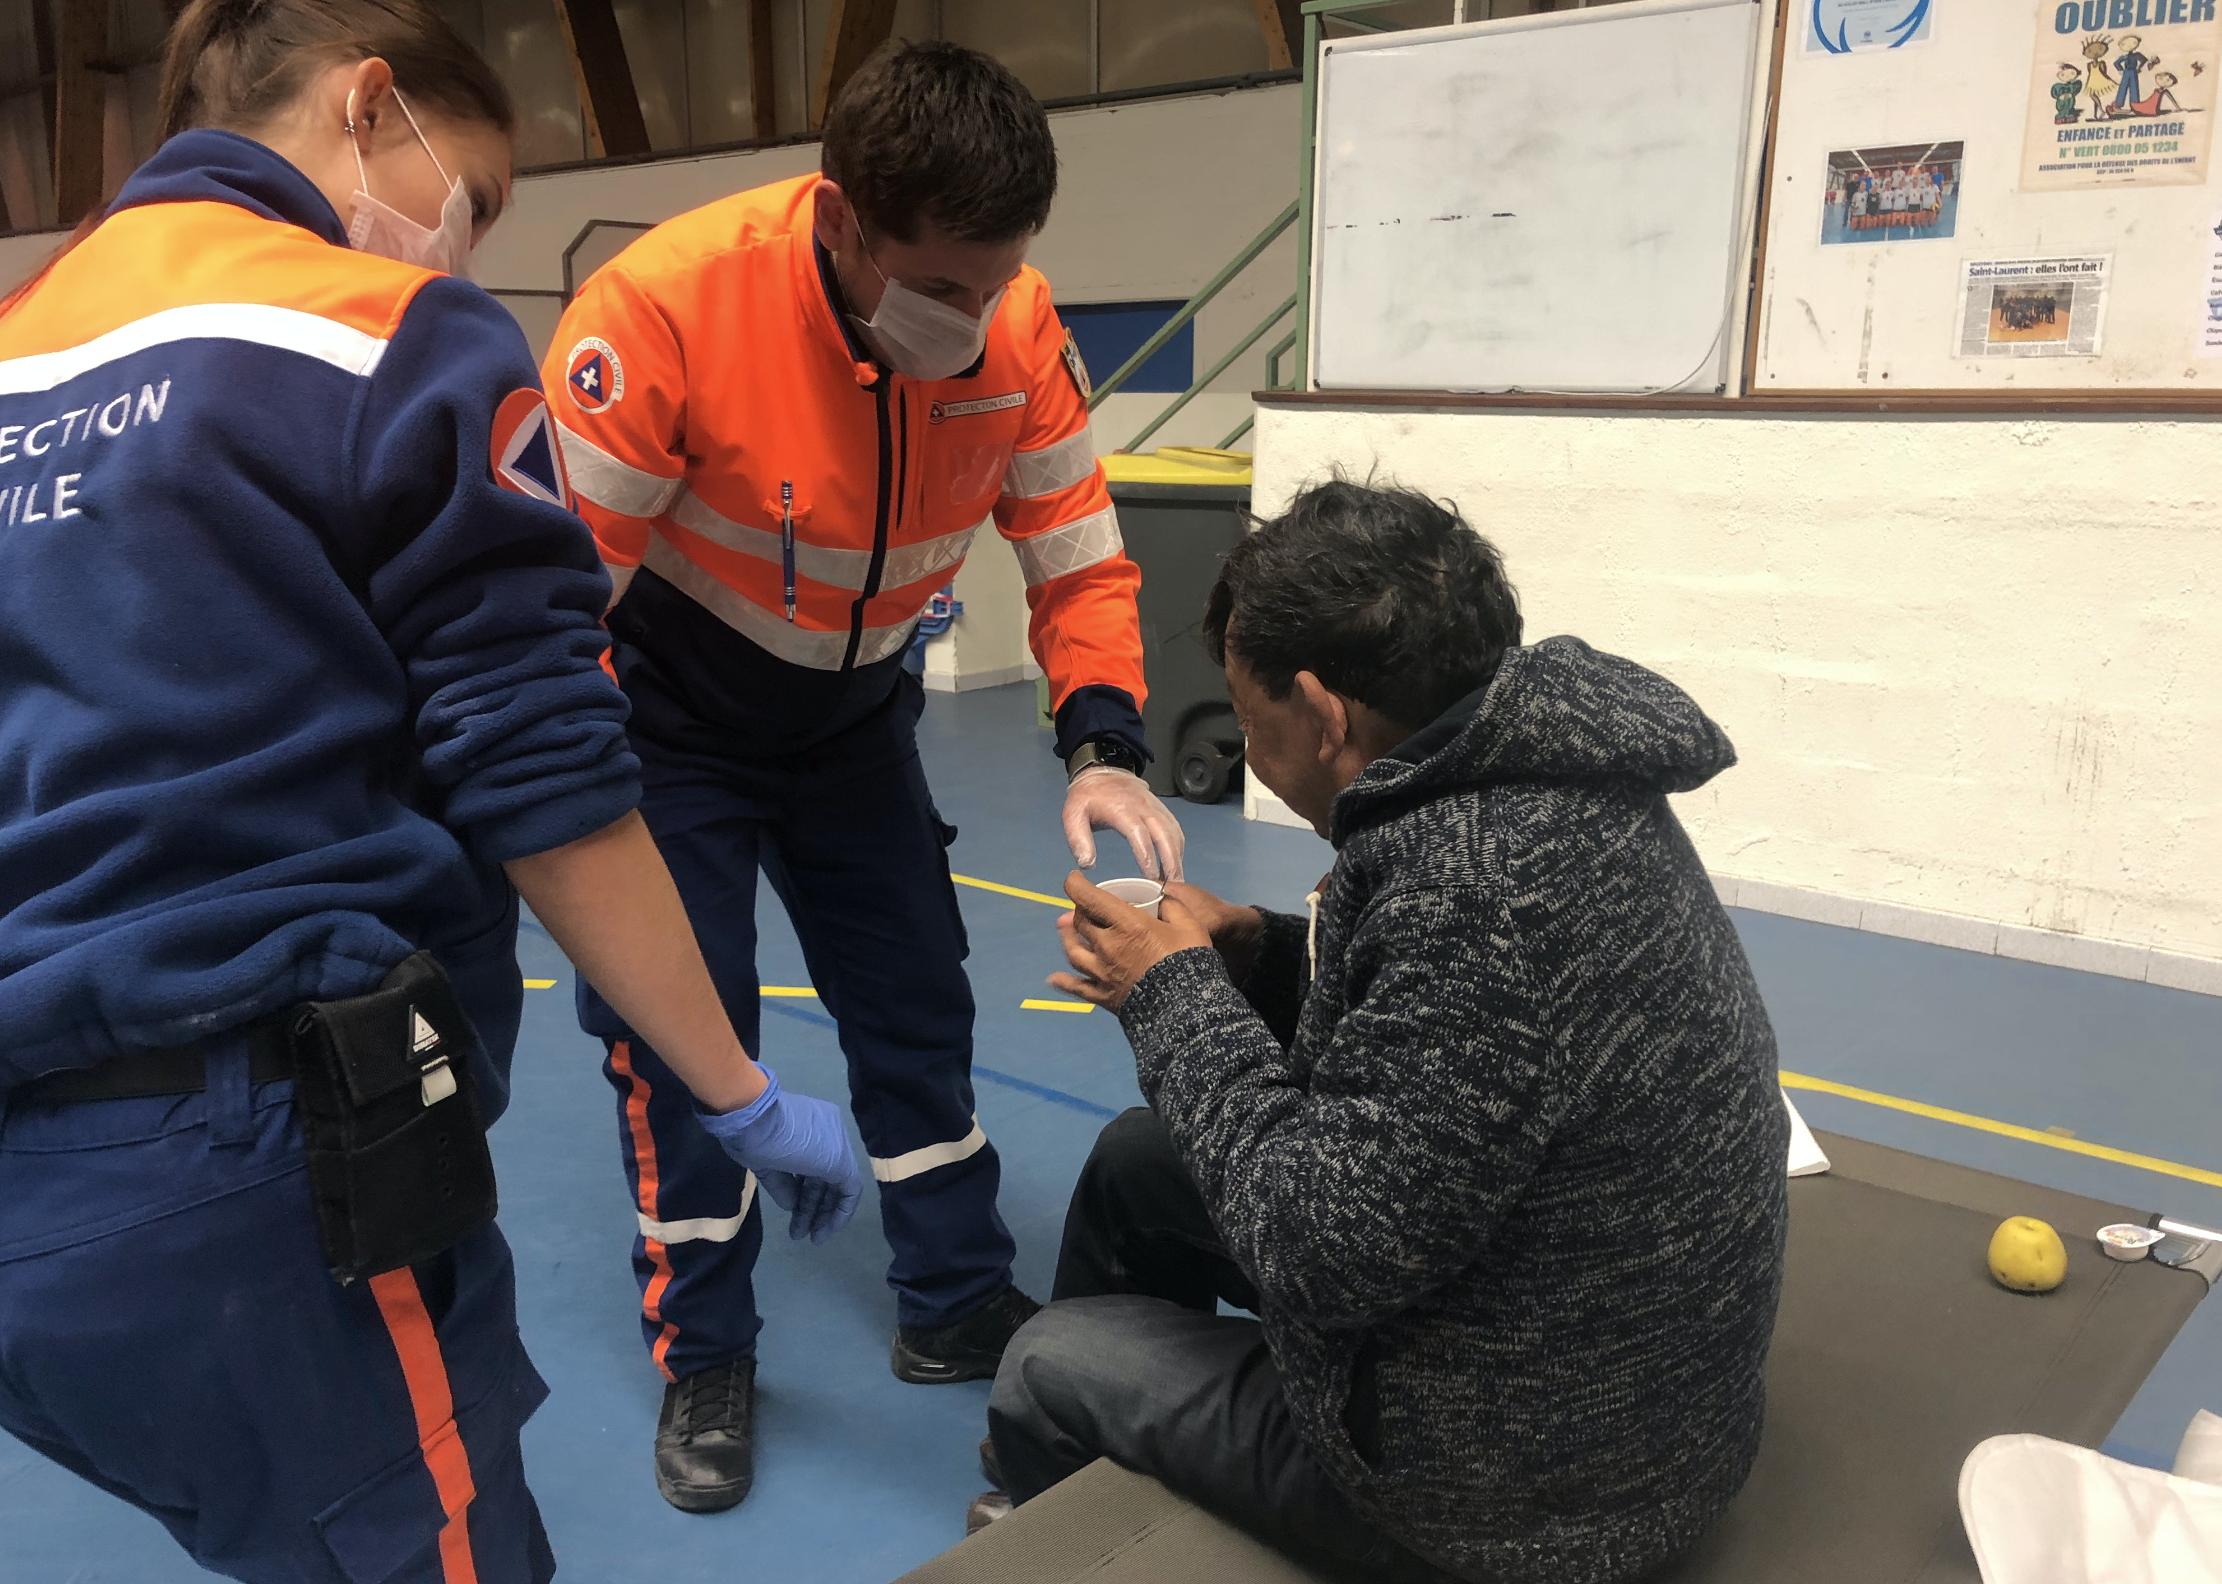 Crédit photo: Protection Civile des Alpes-Maritimes / @ADPC06